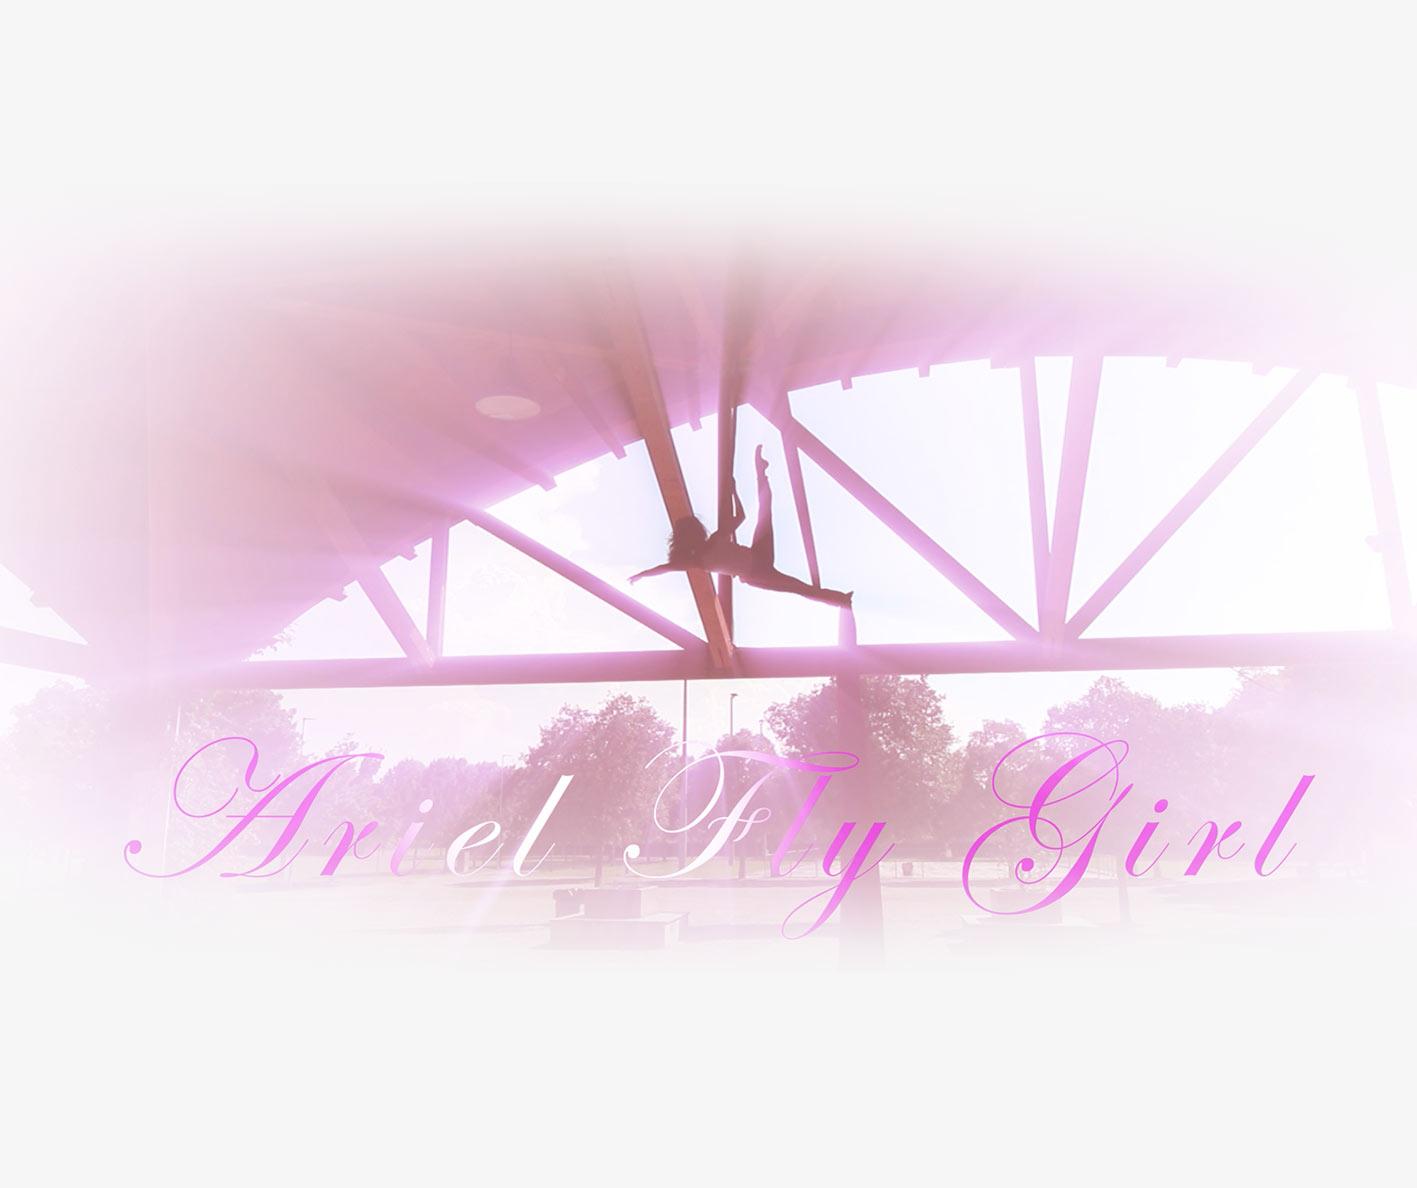 Ariel fly girl